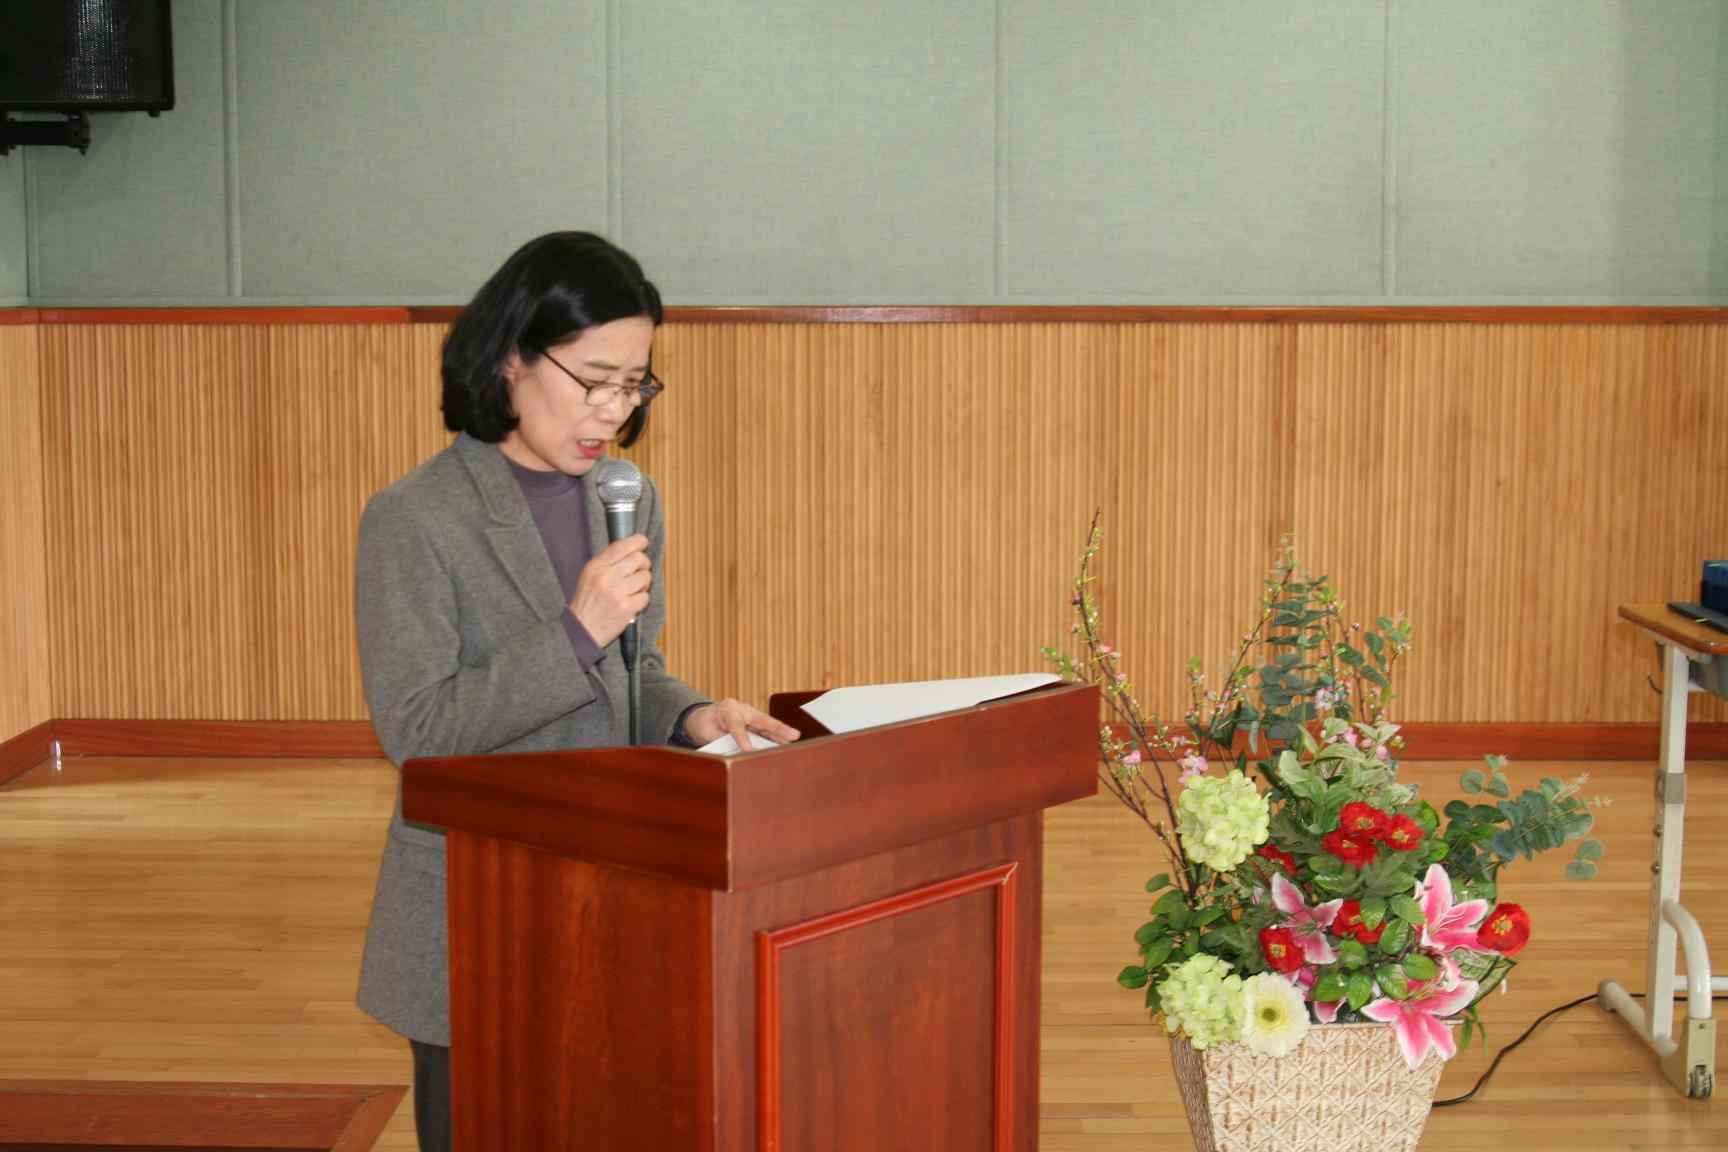 [일반] 2016학년도 상반기 학부모총회 의 첨부이미지 3